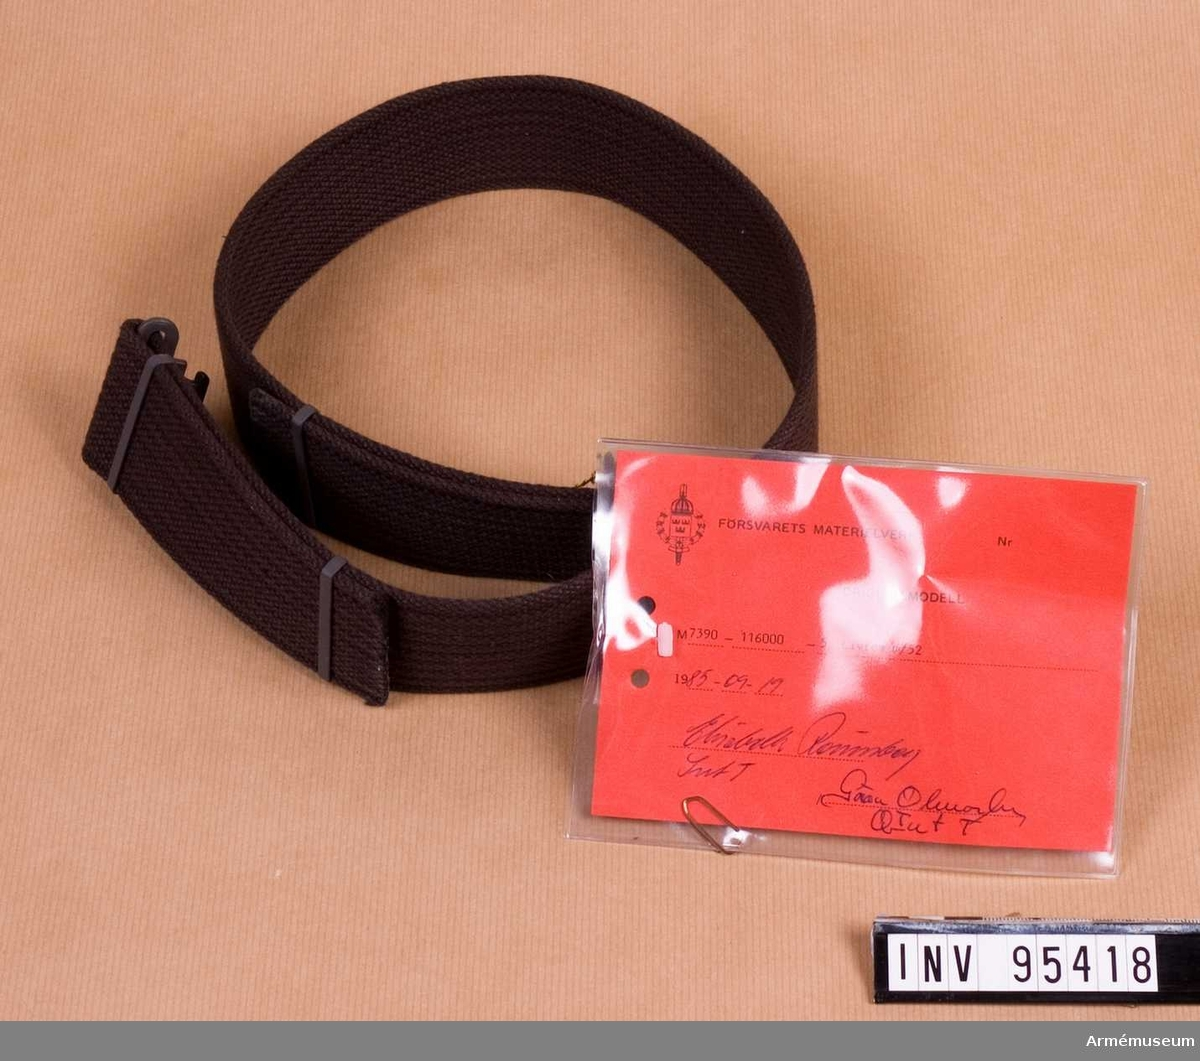 """Vidhängande etikett: """"Försvarets materielverk Originalmodell M 7390-116000-5, Livrem m/52, 1985-09-19 (oläslig underskrift)""""."""